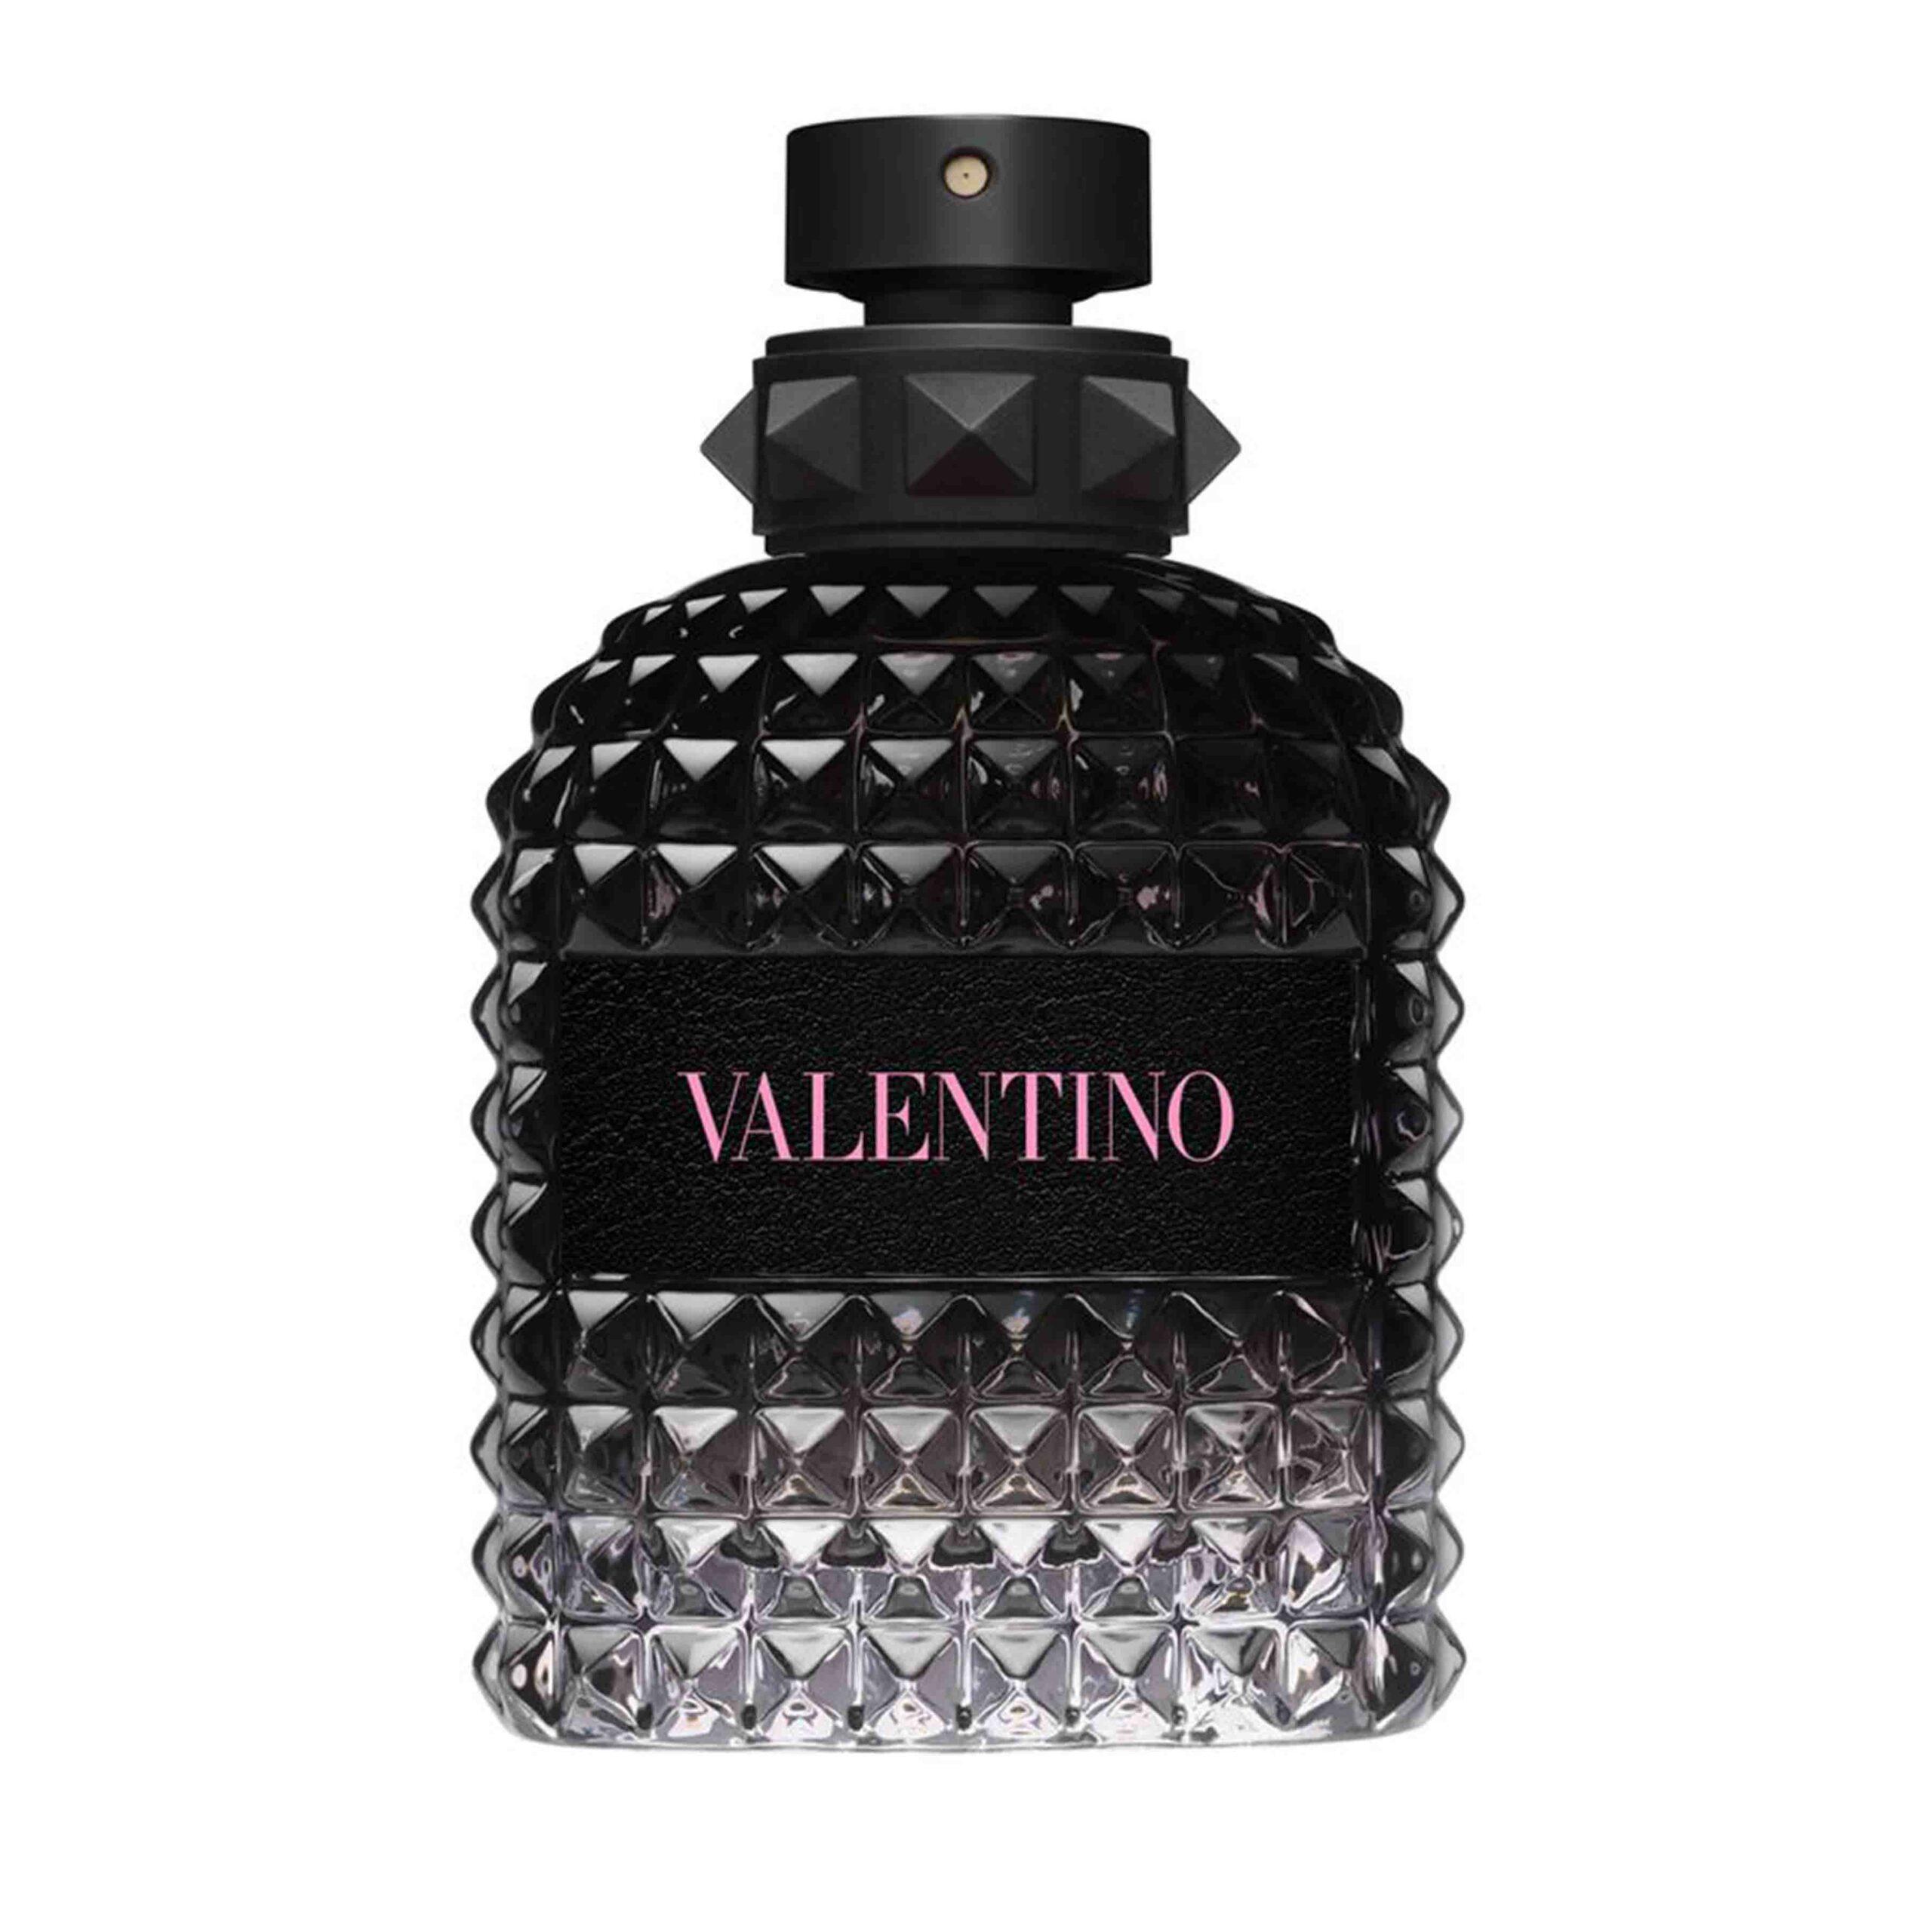 Die besten Parfums für Männer 2021: Valentino Uomo - Born in Roma